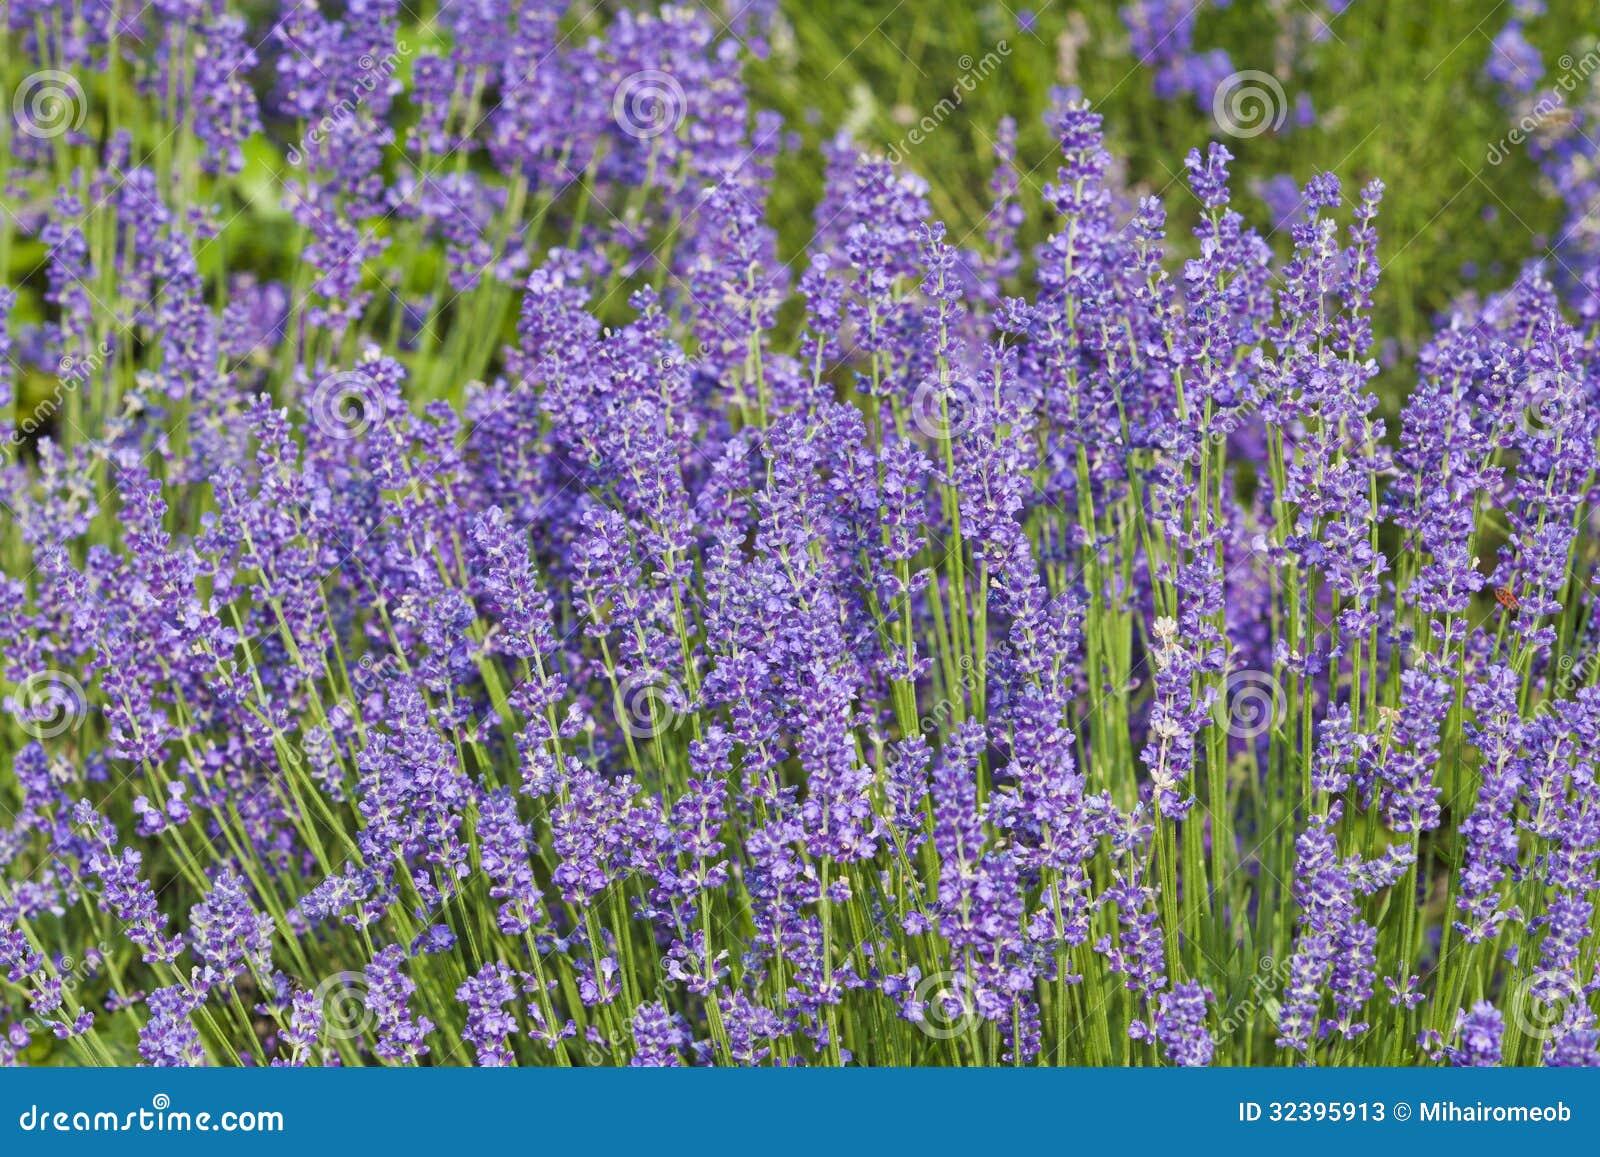 to lavender lavender color lavender flower lavender uses